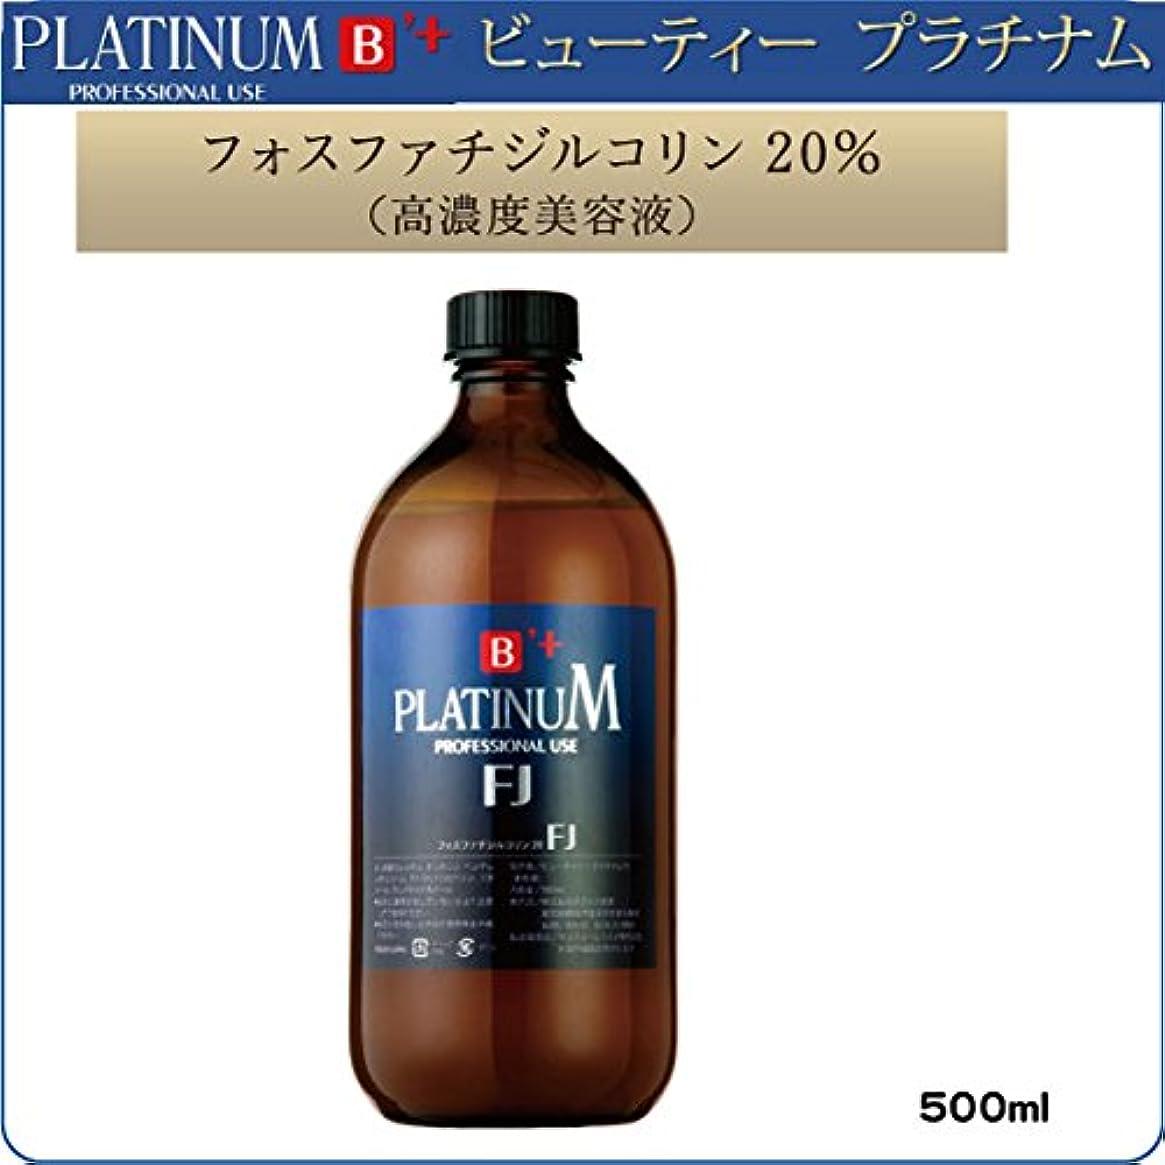 会計パートナー予算【ビューティー プラチナム】 PLATINUM B'+  フォスファチジルコリン20%高濃度美容液  痩身専用:500ml